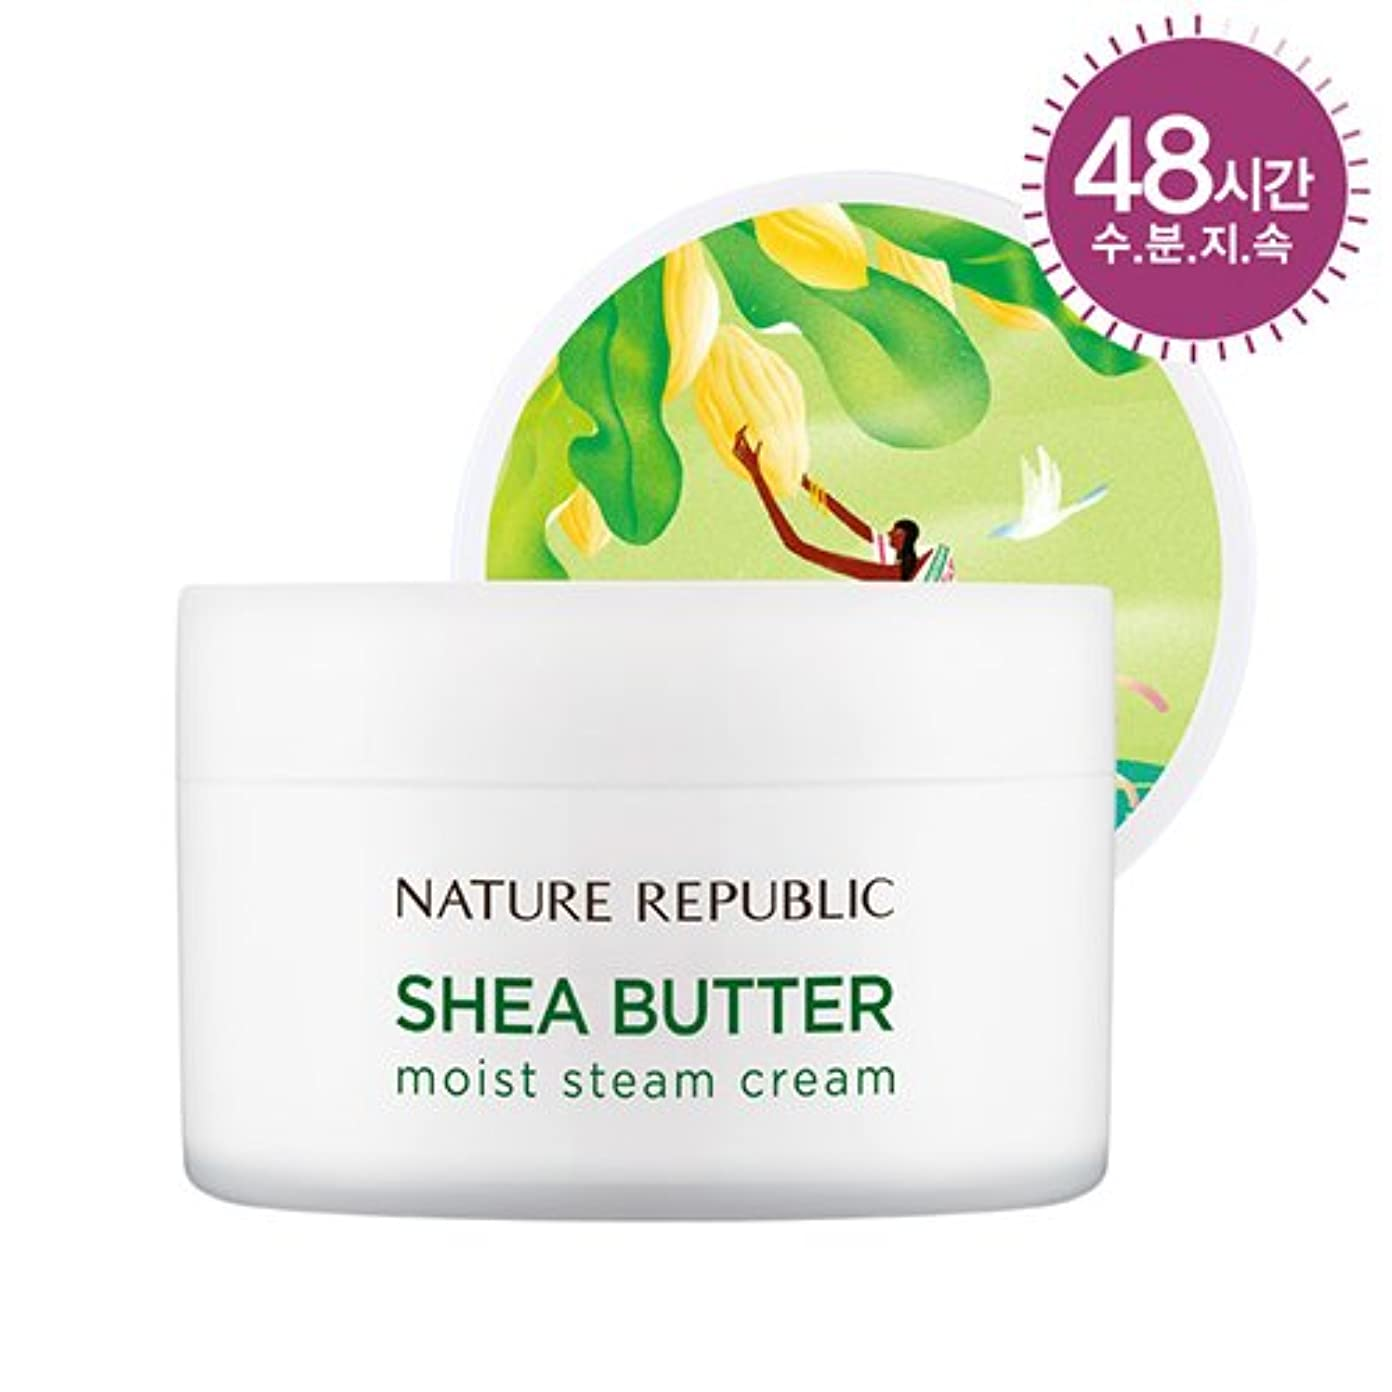 思い出数学者フィード[ネイチャーリパブリック] NATURE REPUBLIC [スチームクリーム 100ml] (Shea Butter Steam Cream 100ml) (02 Moist Steam Cream) [並行輸入品]